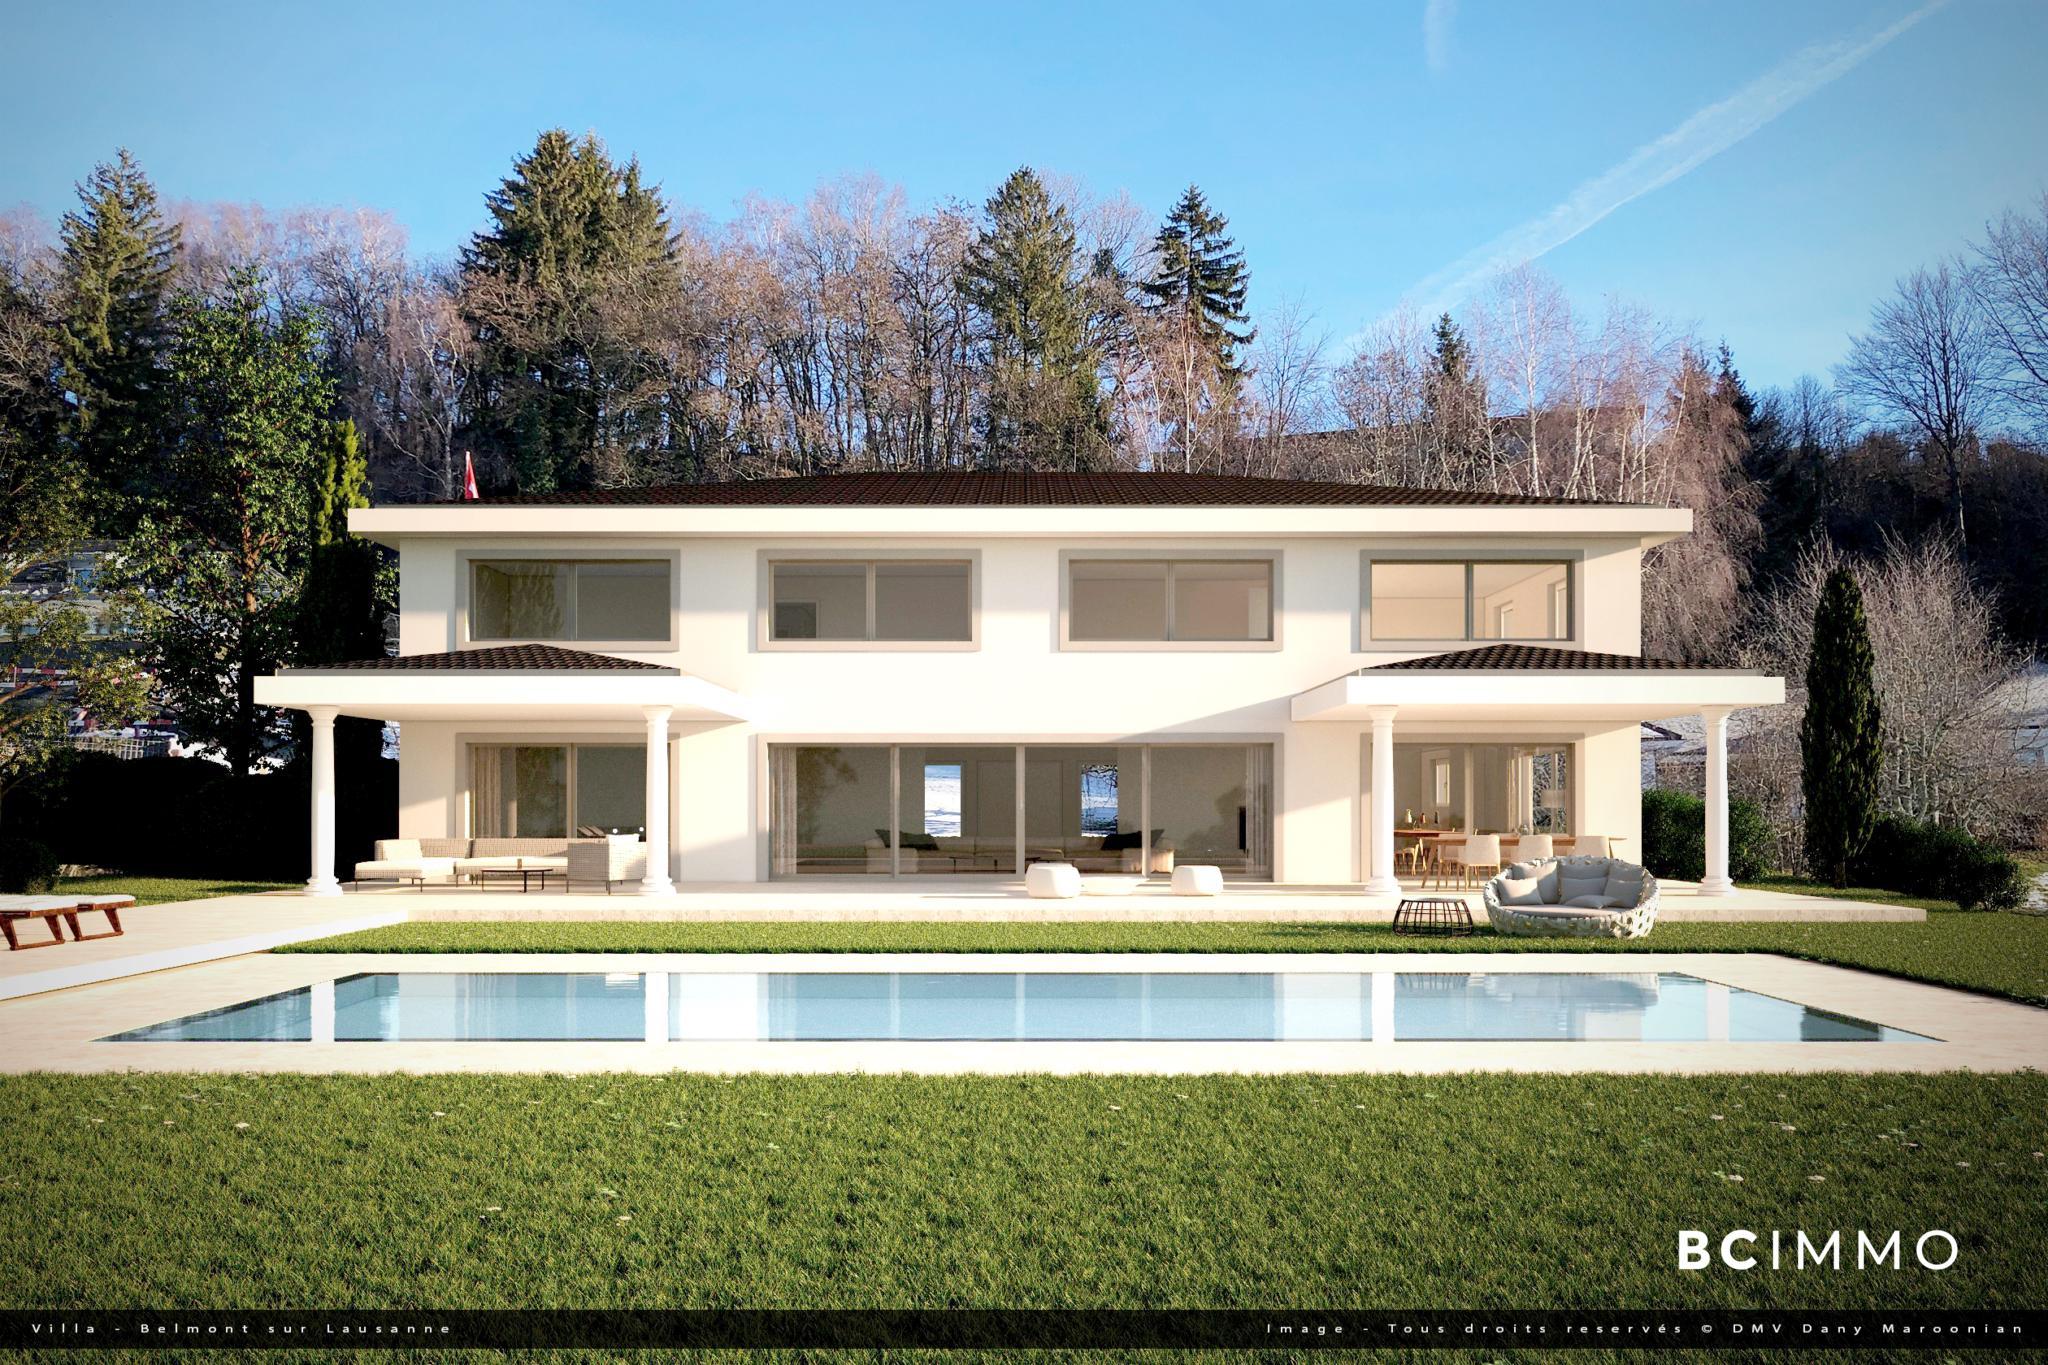 BC Immo - Somptueuse villa avec une vue panoramique sur le Lac Léman et les Alpes  - 1092HBVP